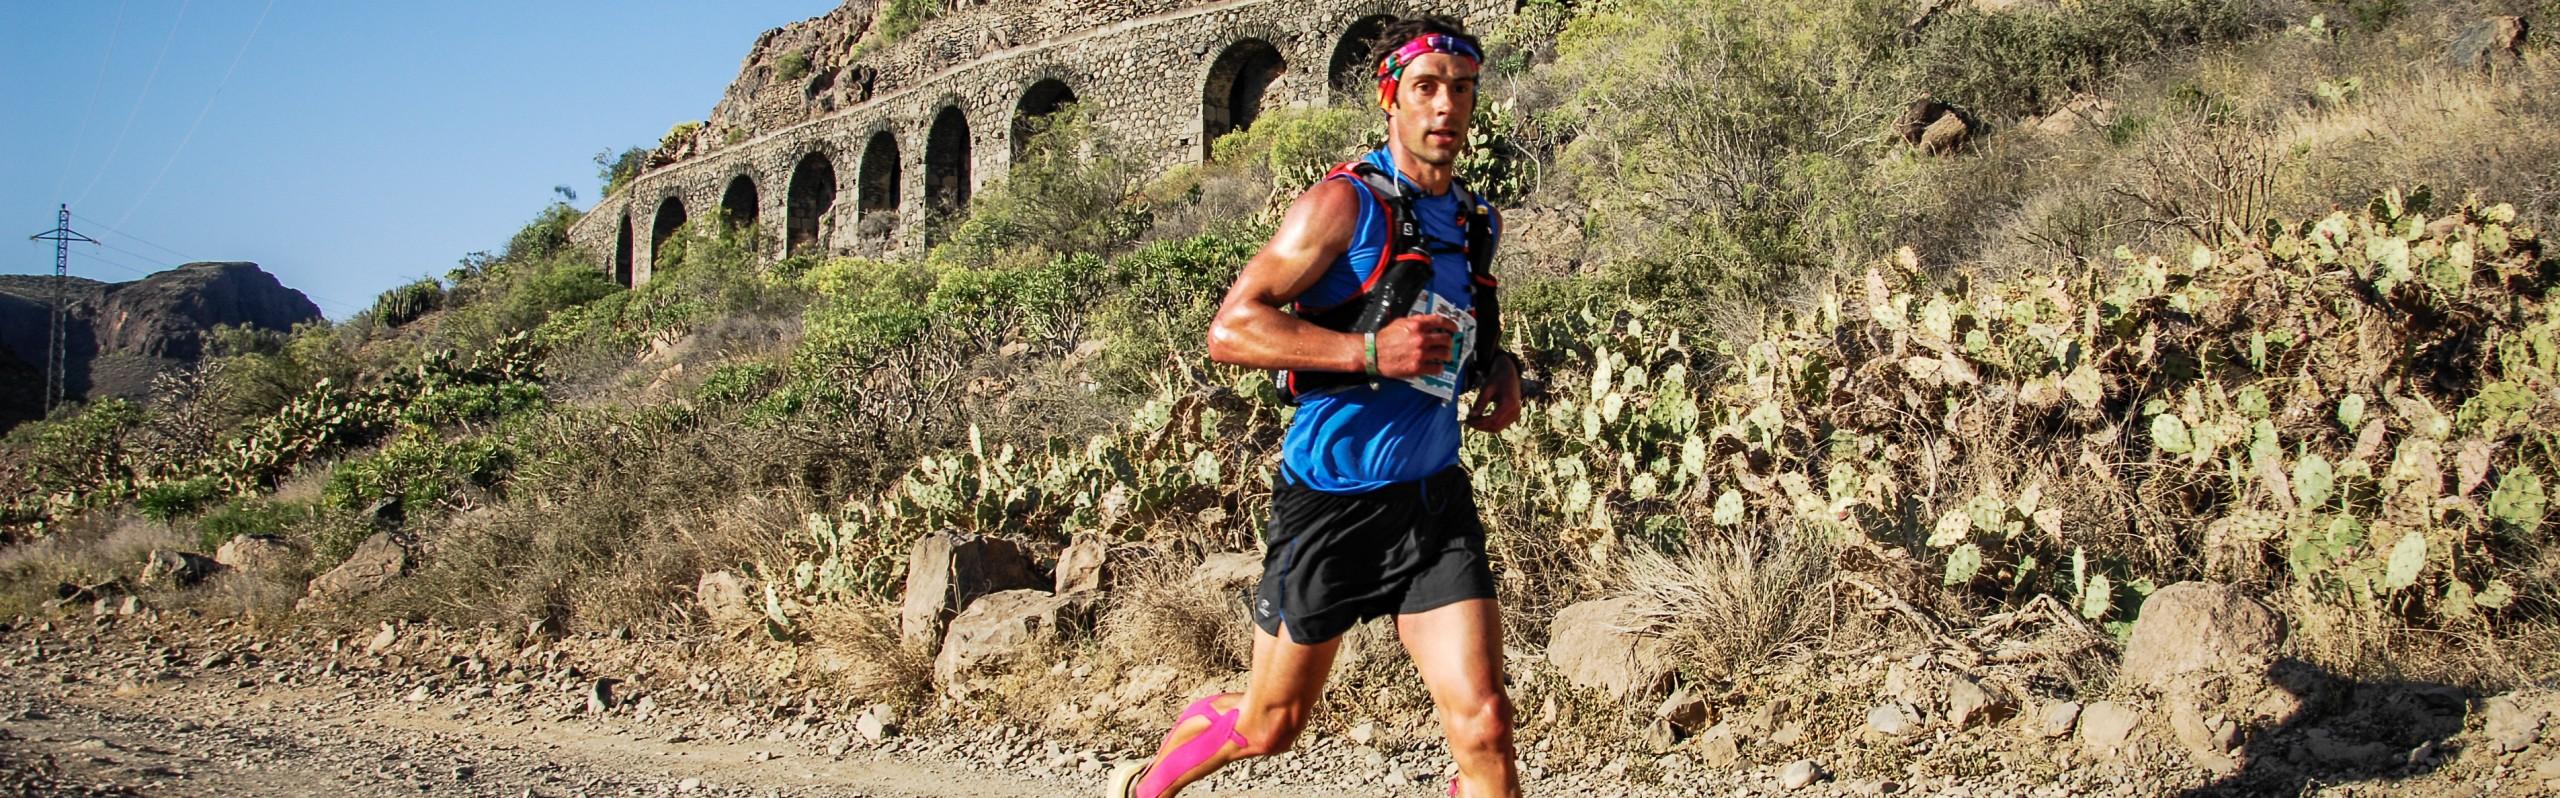 Lourens Naudé - Island Ultra Runner